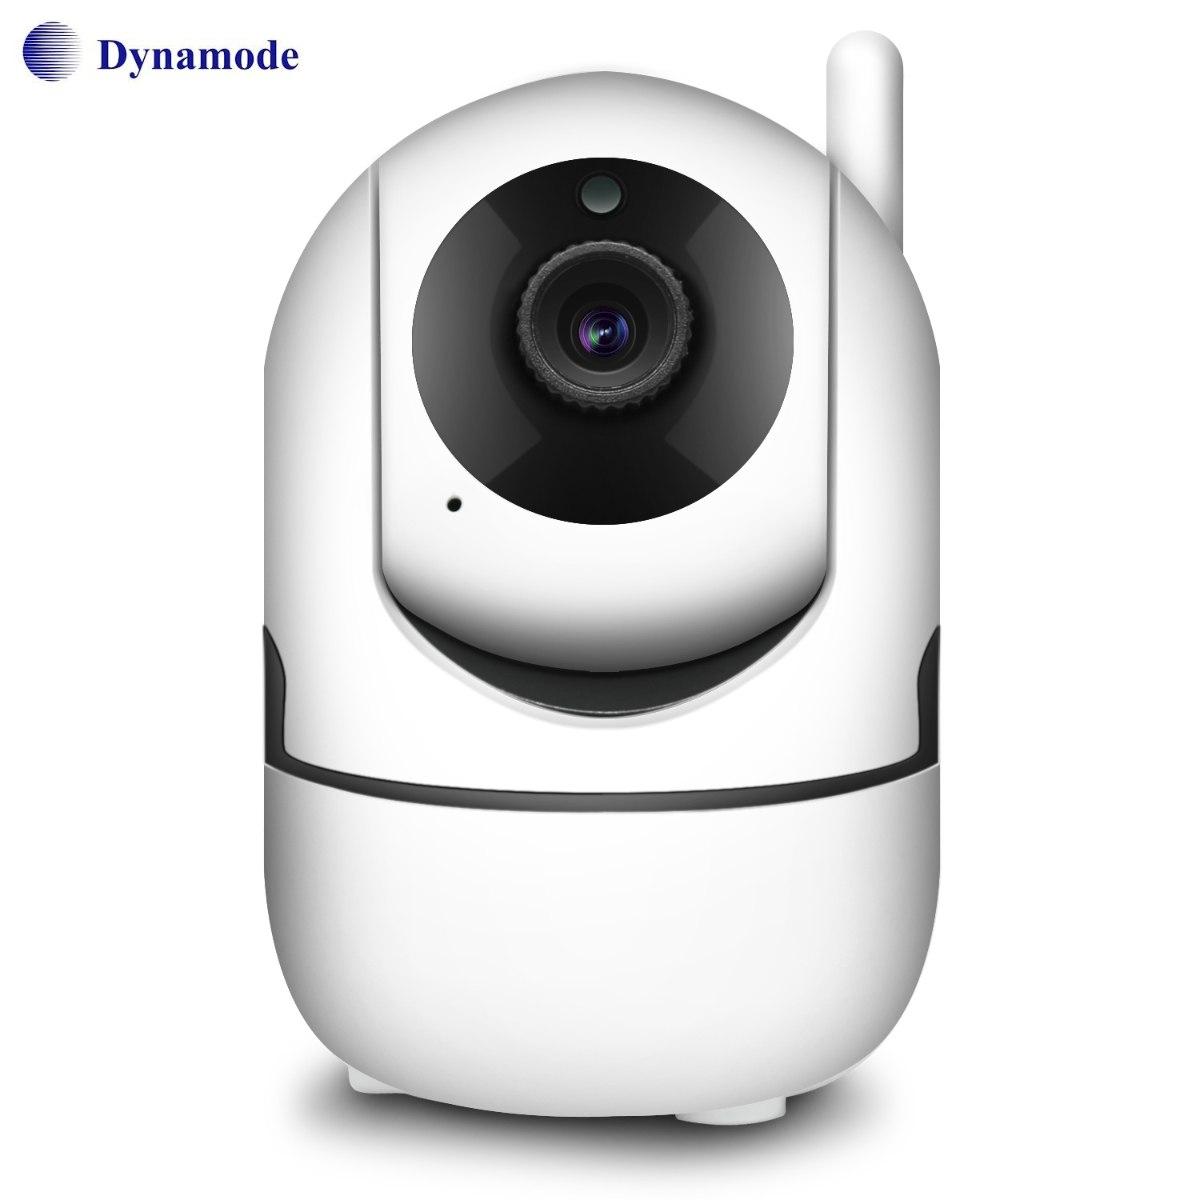 מצלמת IP בזוית רחבה 360 מעלות Dynamode HD 1080